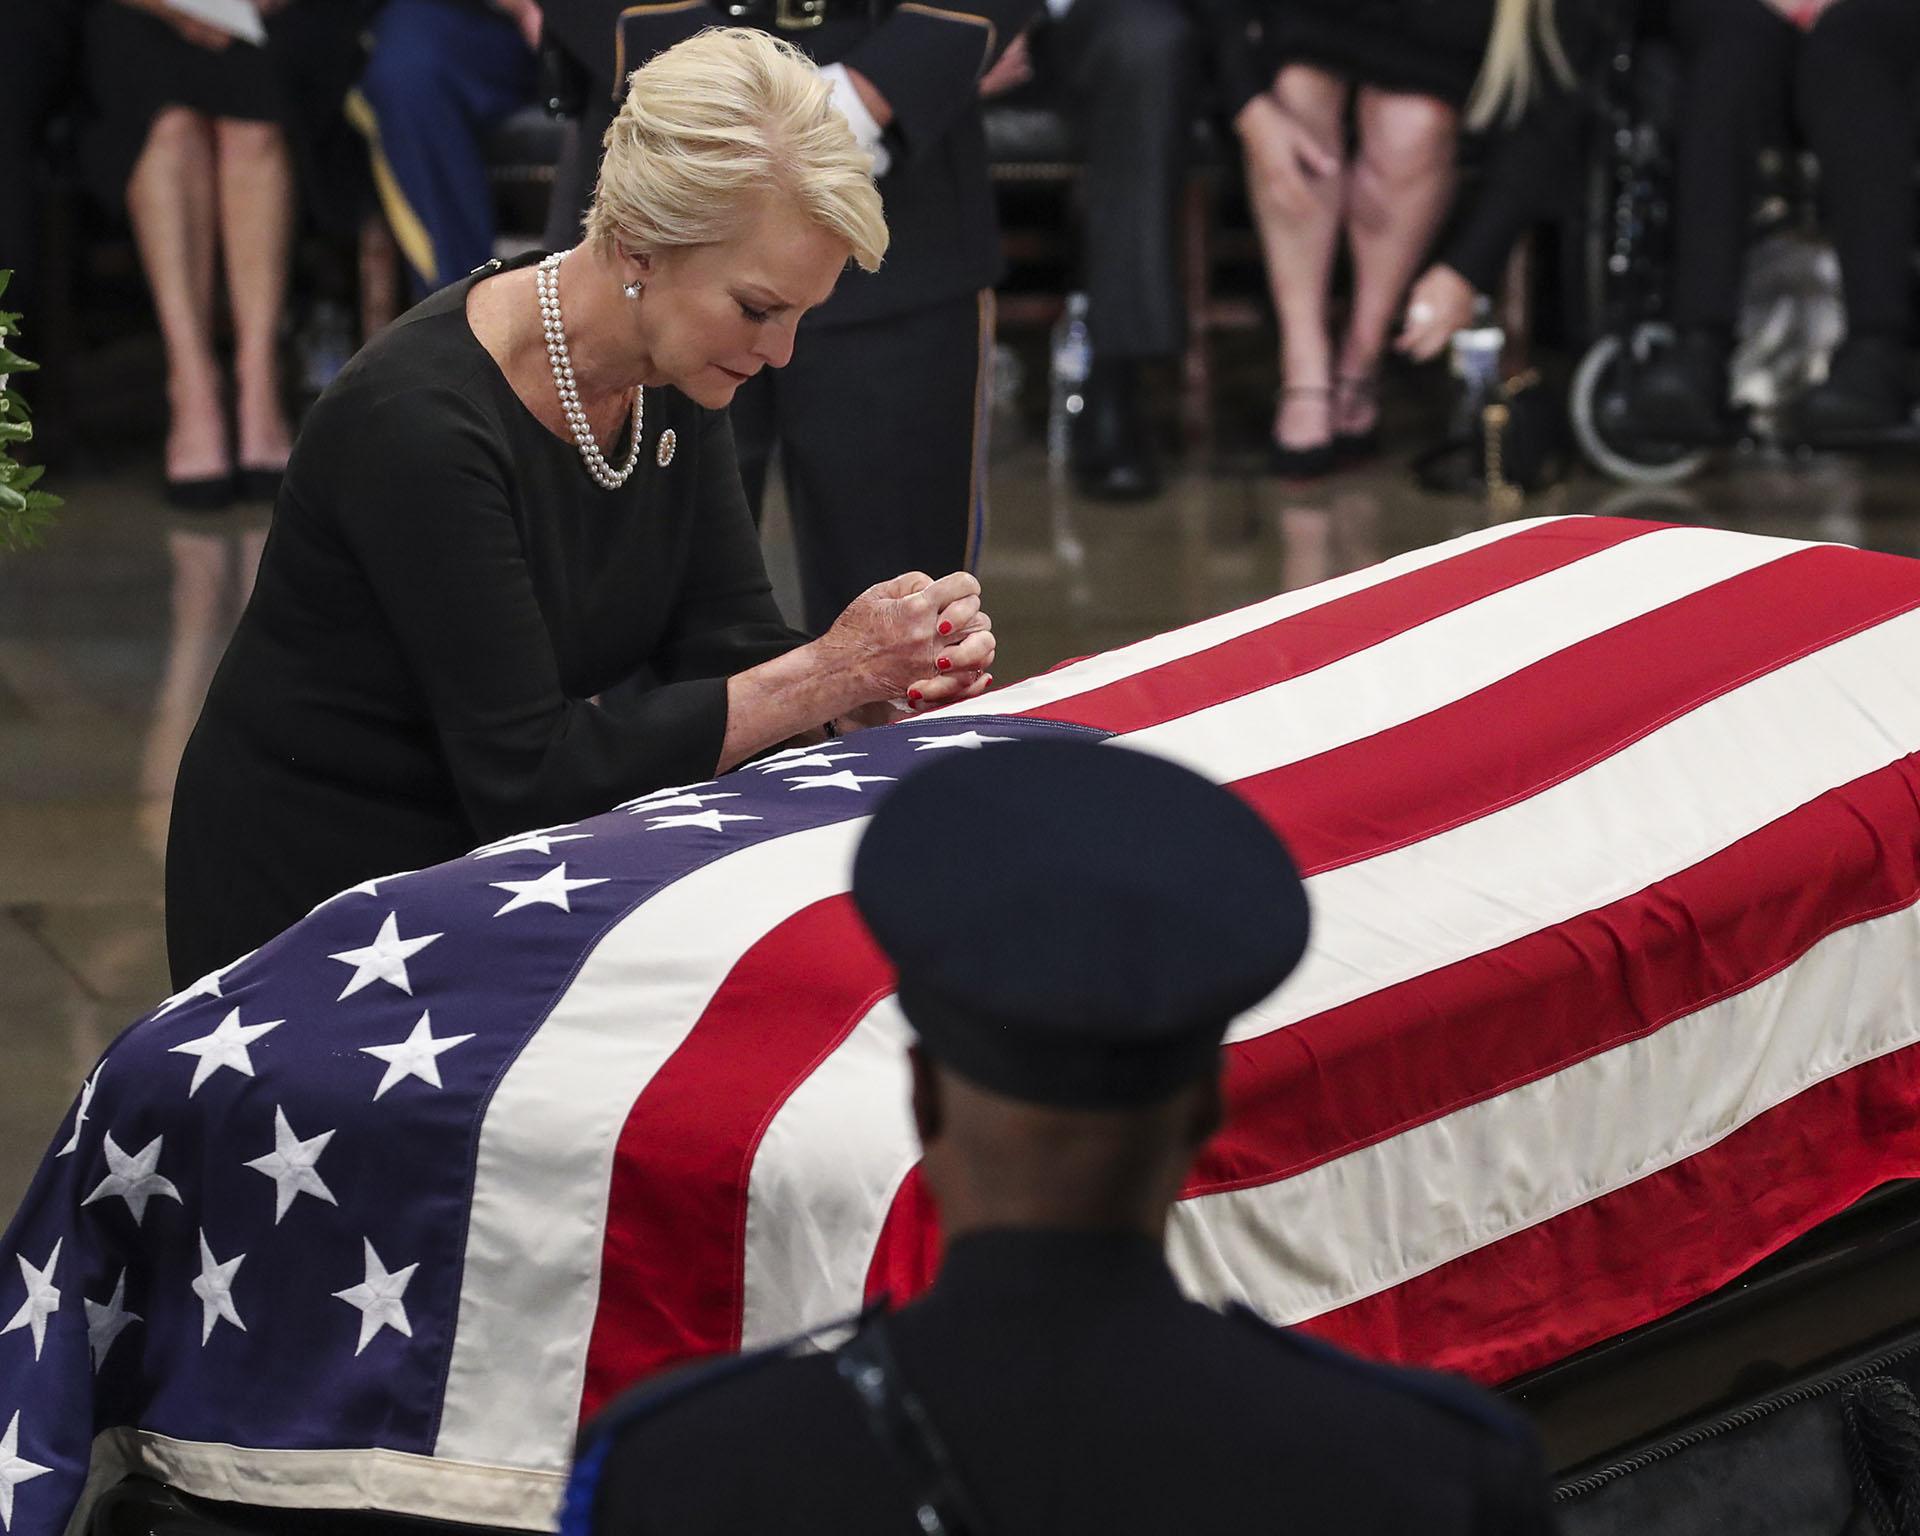 Cindy McCain, viuda del senador John McCain, se apoya sobre el féretro que contiene los restos de su marido, durante el funeral realizado en el Capitolio de Estados Unidos el 31 de agosto (Drew Angerer/Getty Images/AFP)